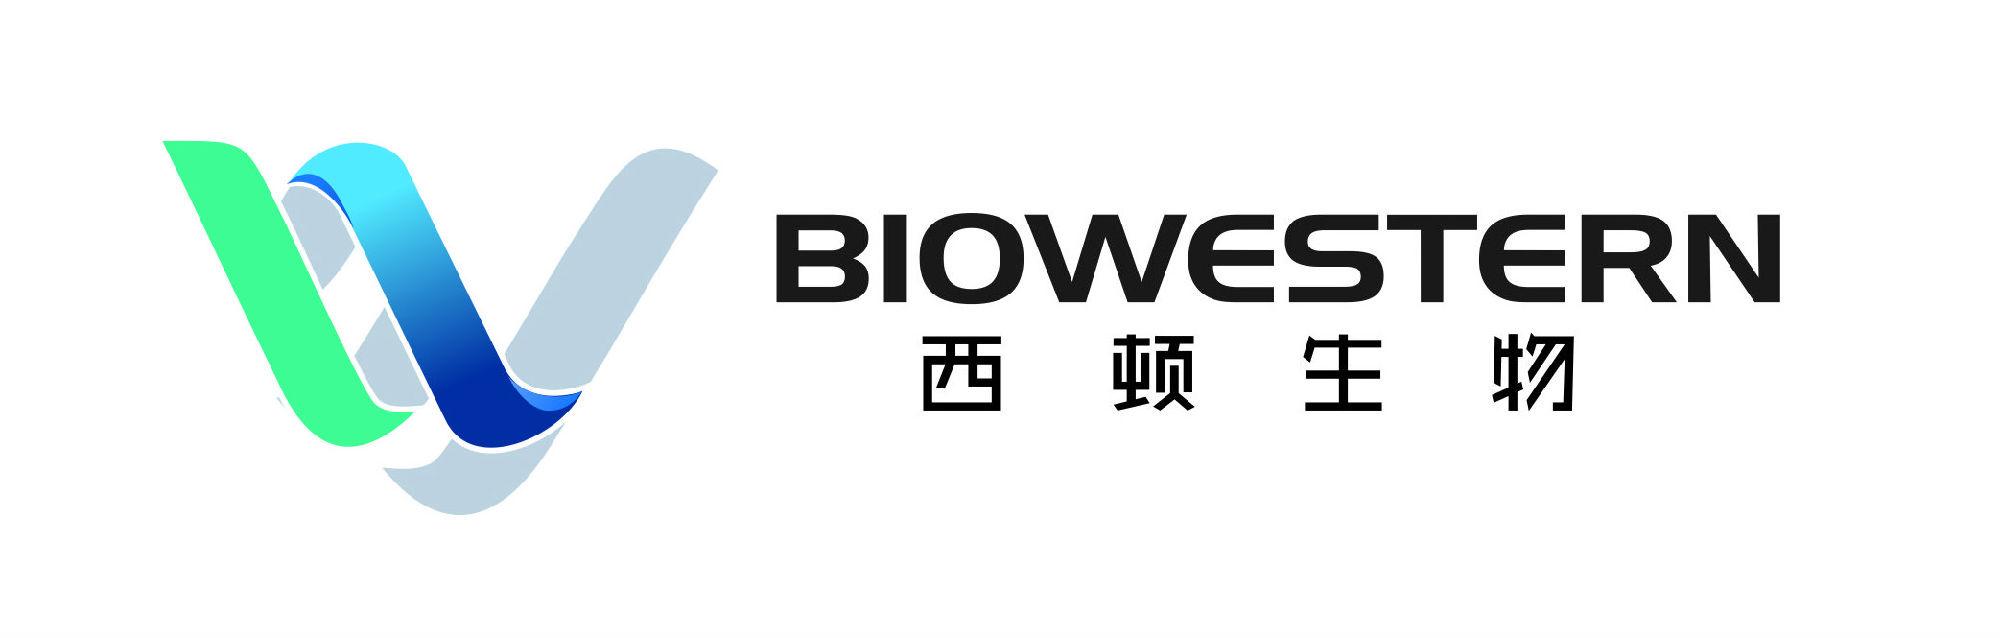 杭州西顿生物科技有限公司